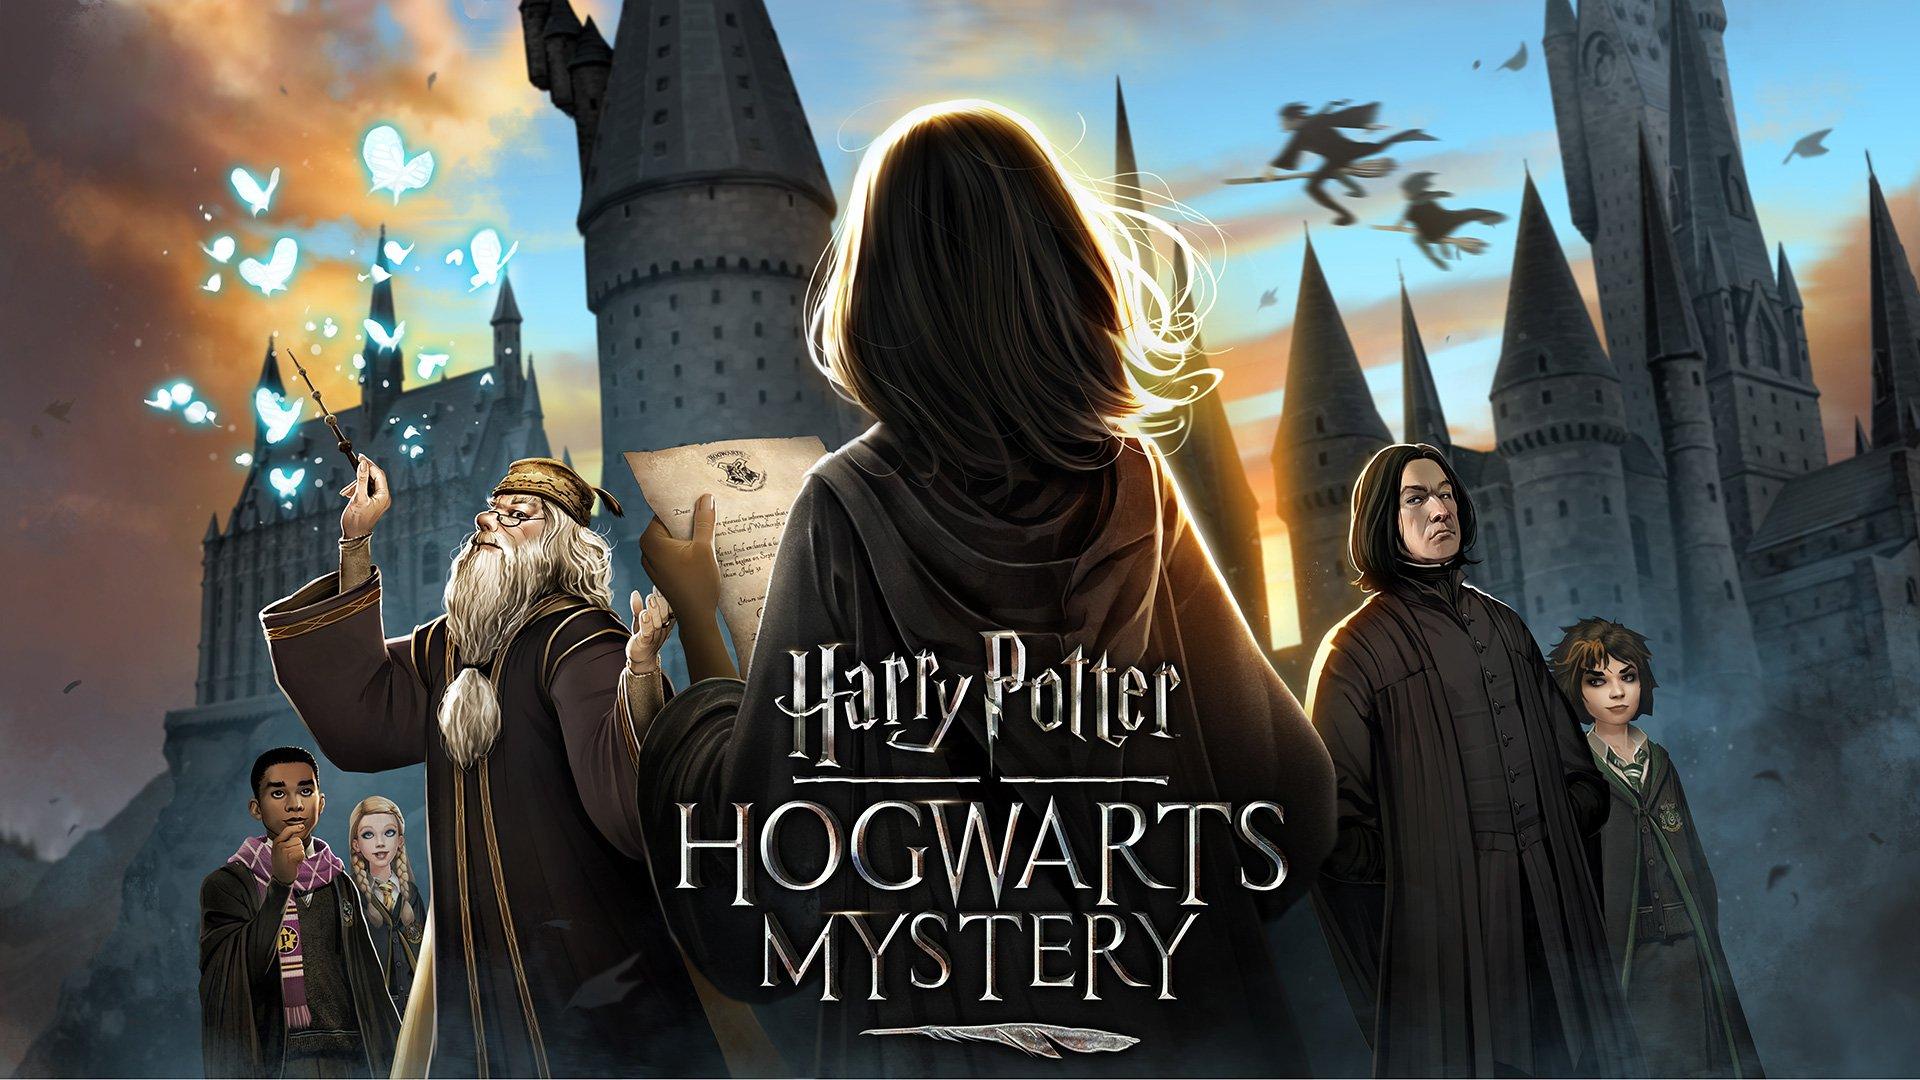 Harry Potter: Hogwarts Mystery стала самой зарабатывающей игрой Jam City